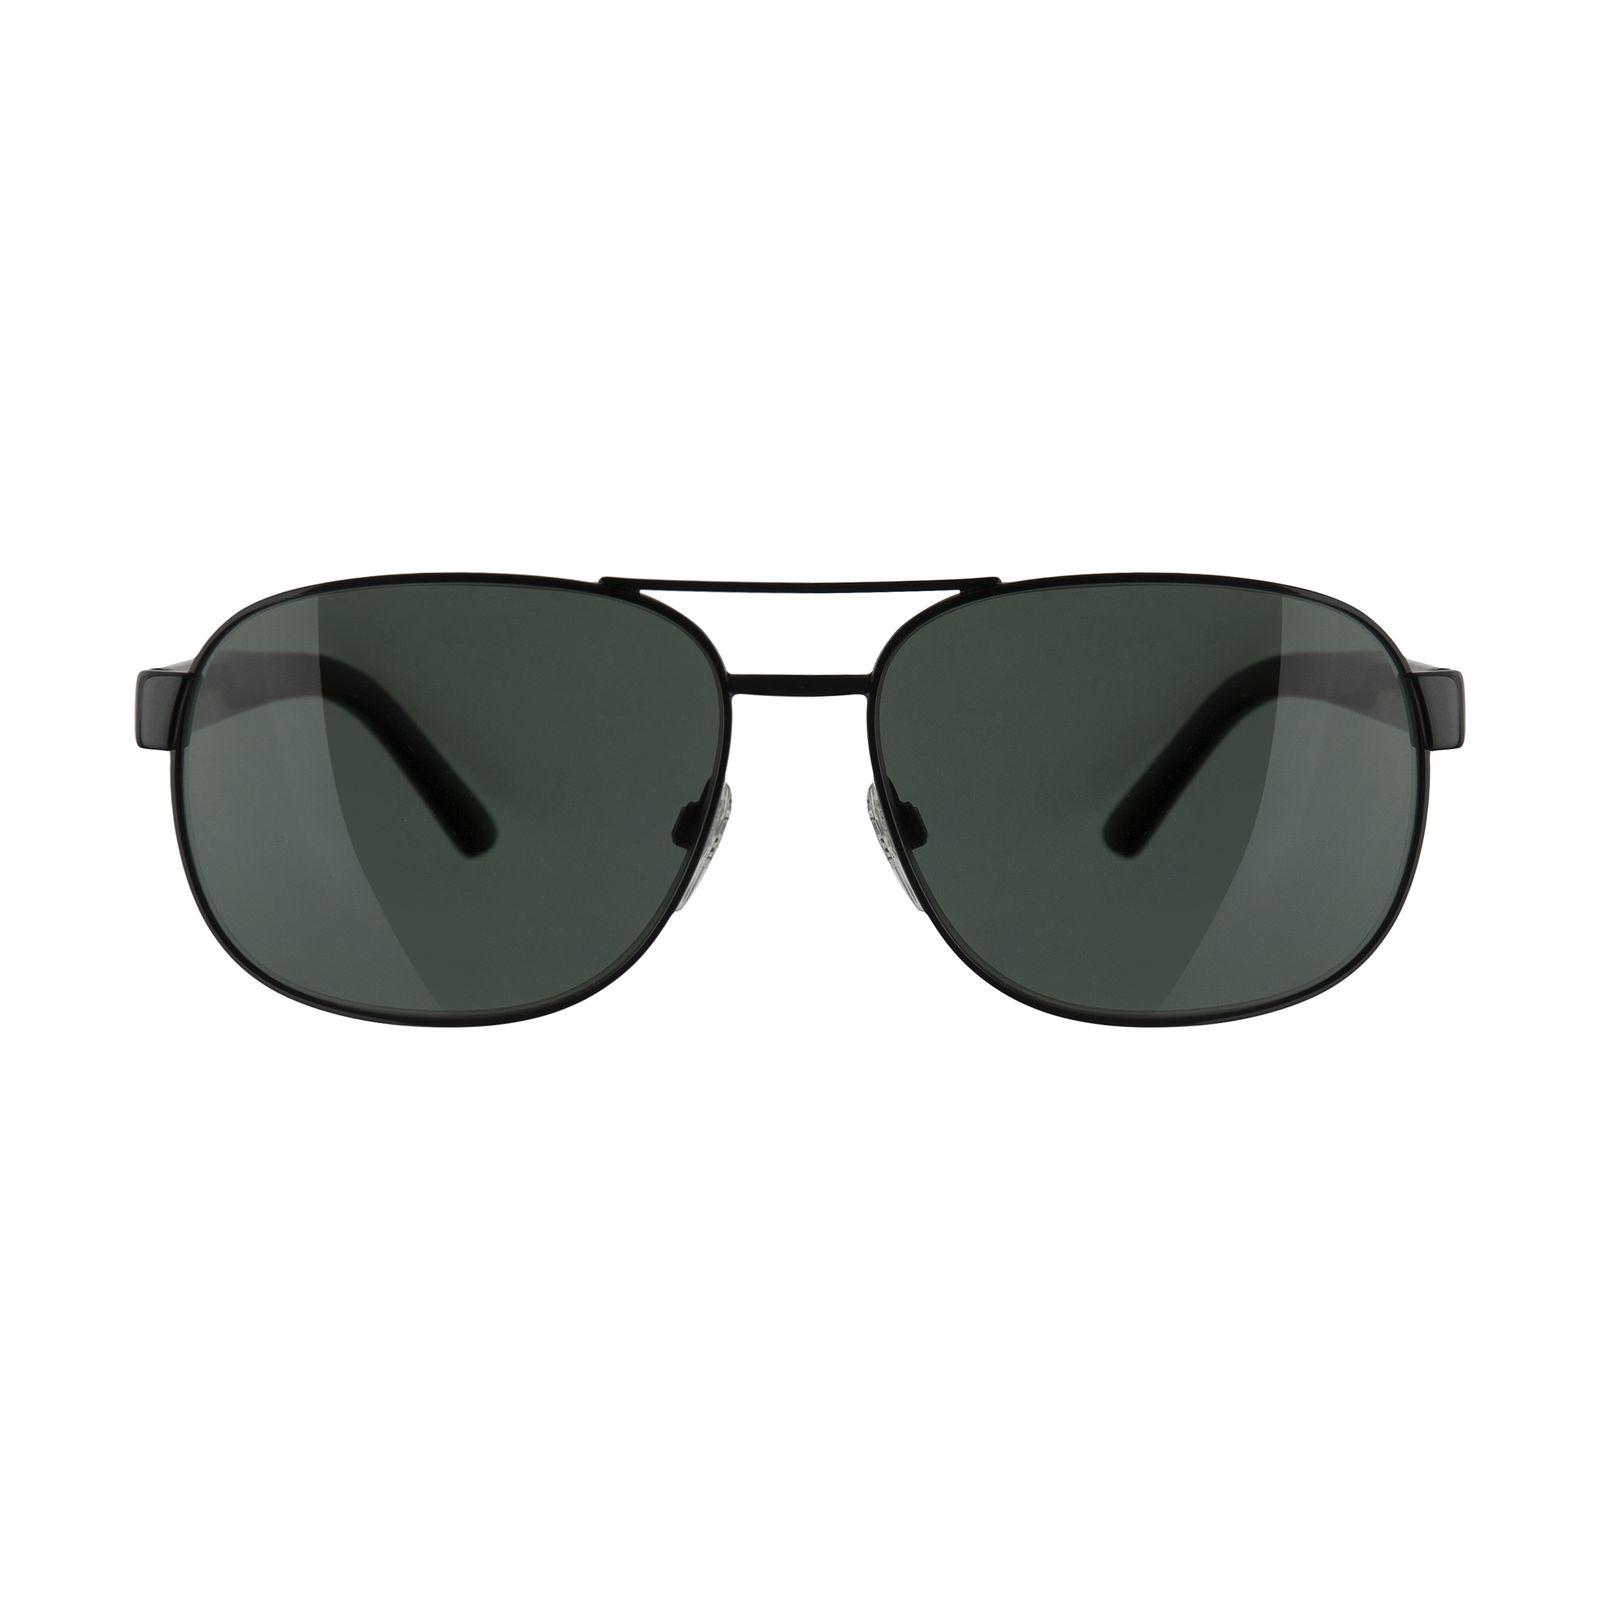 عینک آفتابی زنانه بربری مدل BE 3083S 10015U 59 -  - 2